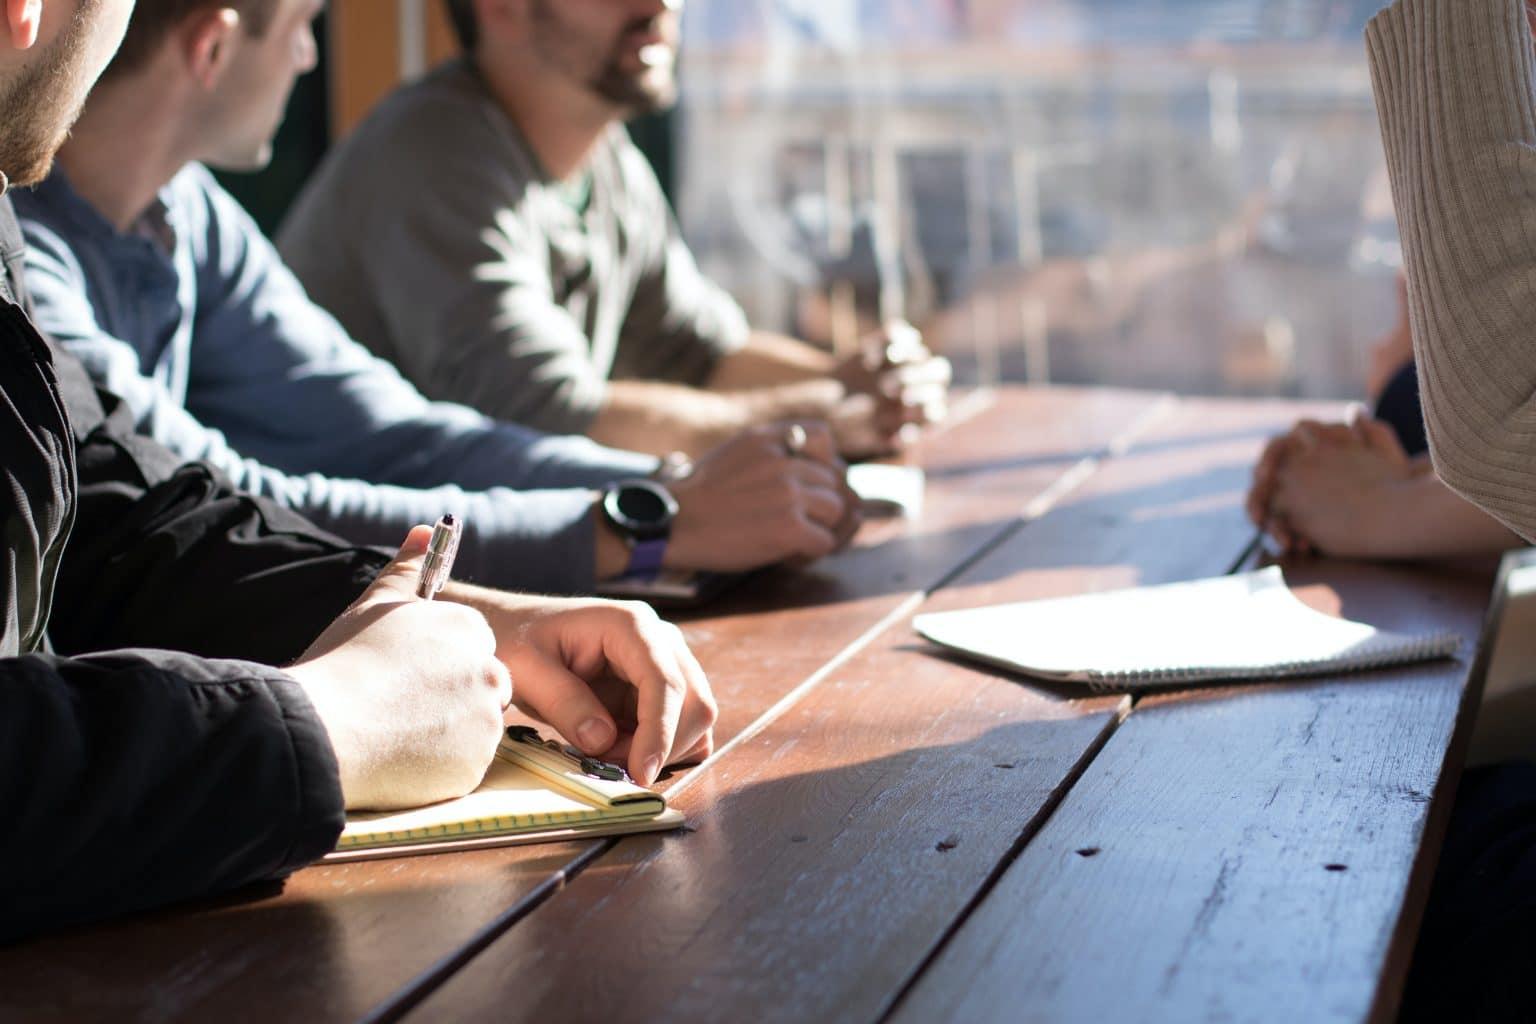 Sternzeichen Waage Leute meeting an Holztisch mit Notizbüchern